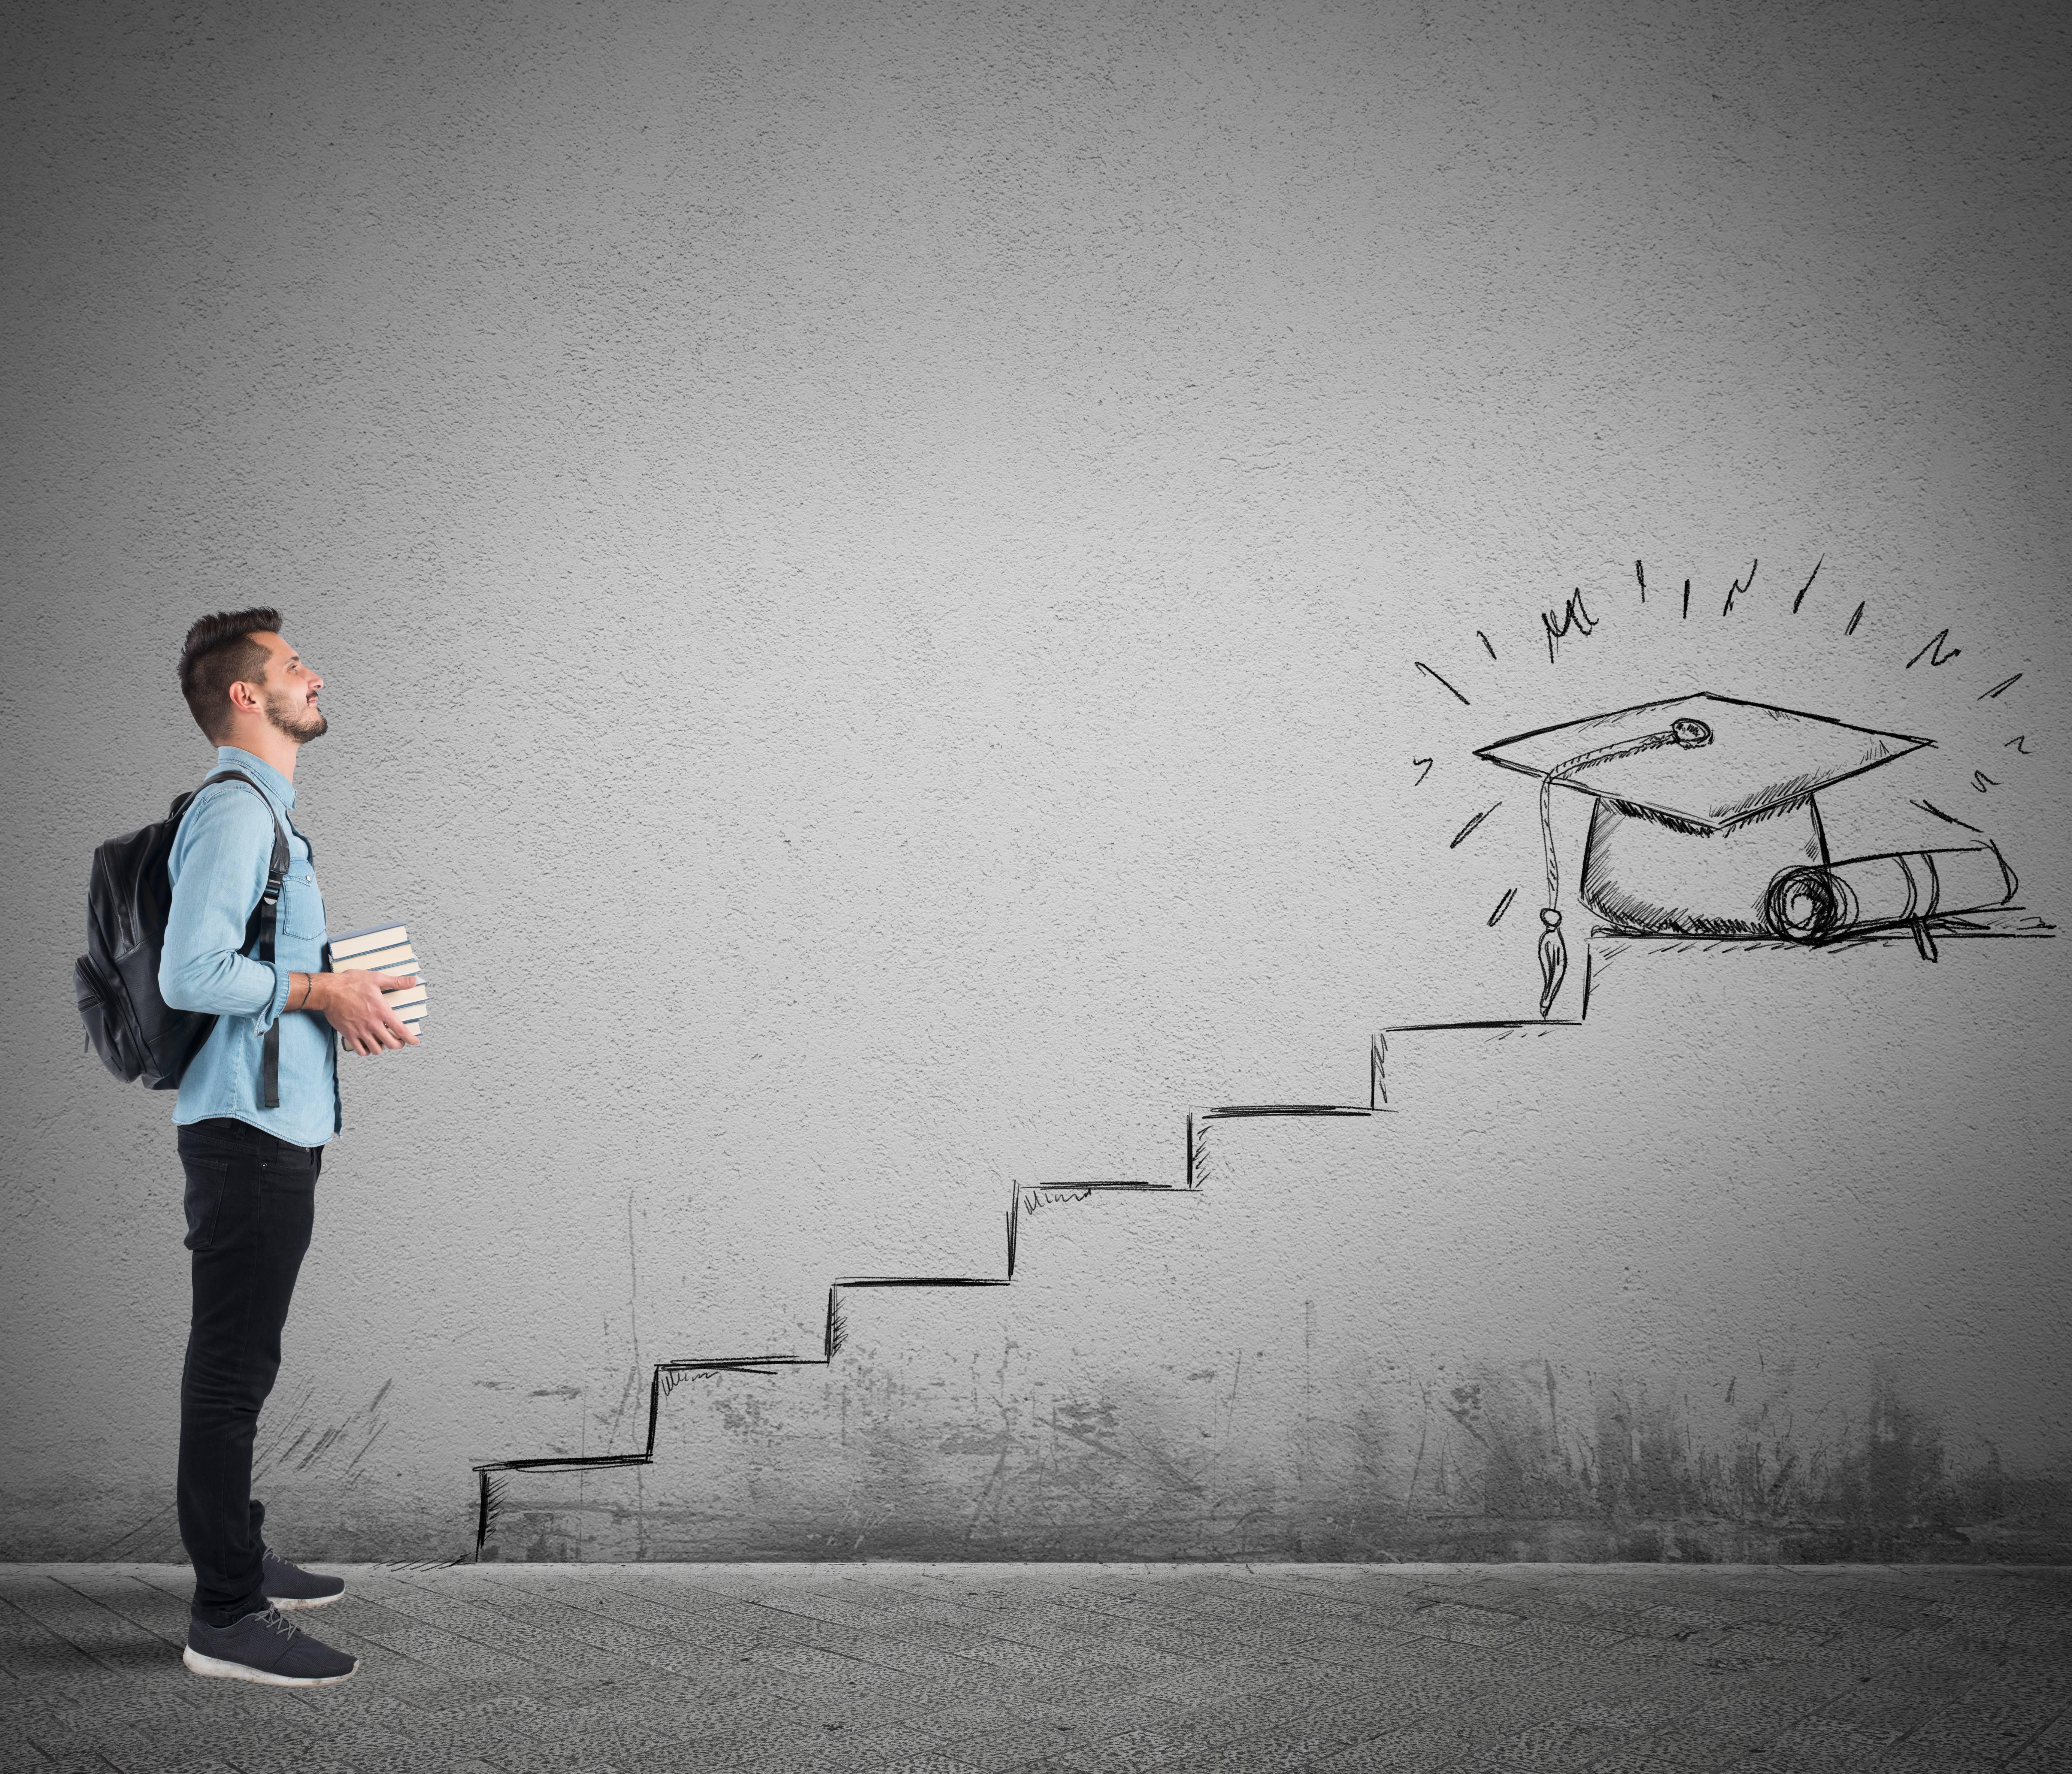 tippek-a-sikeres-vizsgaidoszakhoz-4